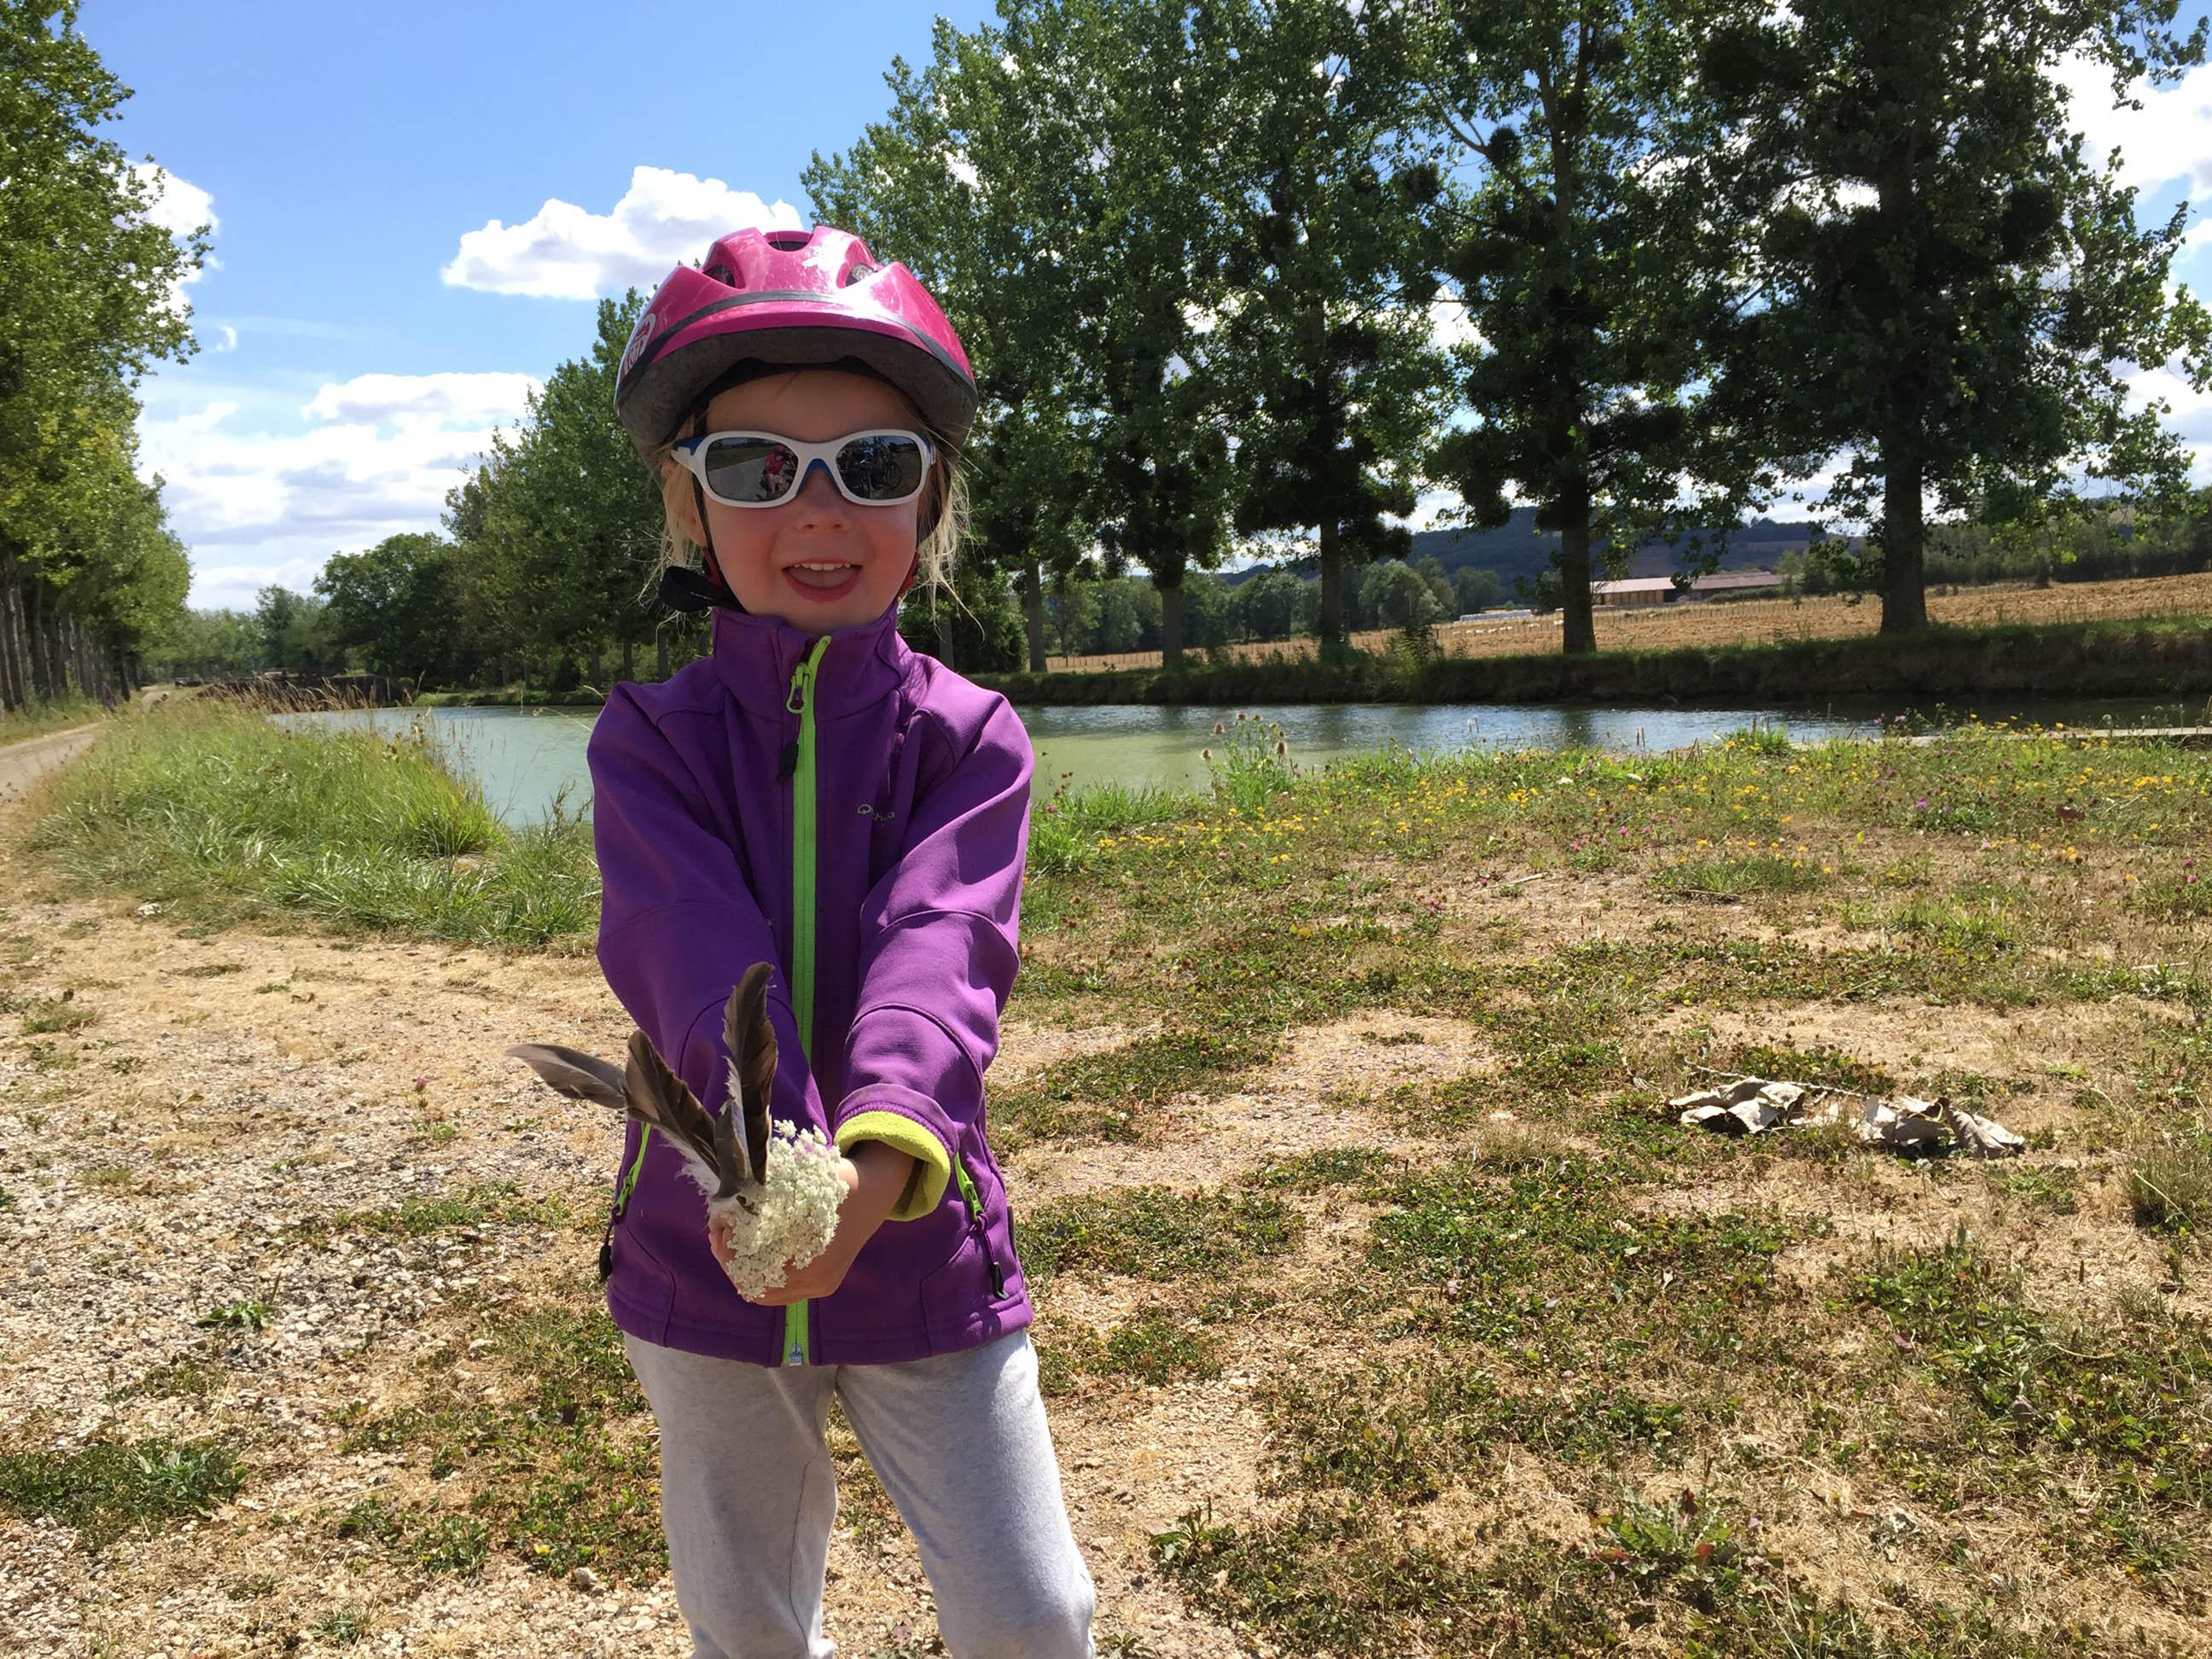 Graines de baroudeurs_canal de Bourgogne été 2015 (6)